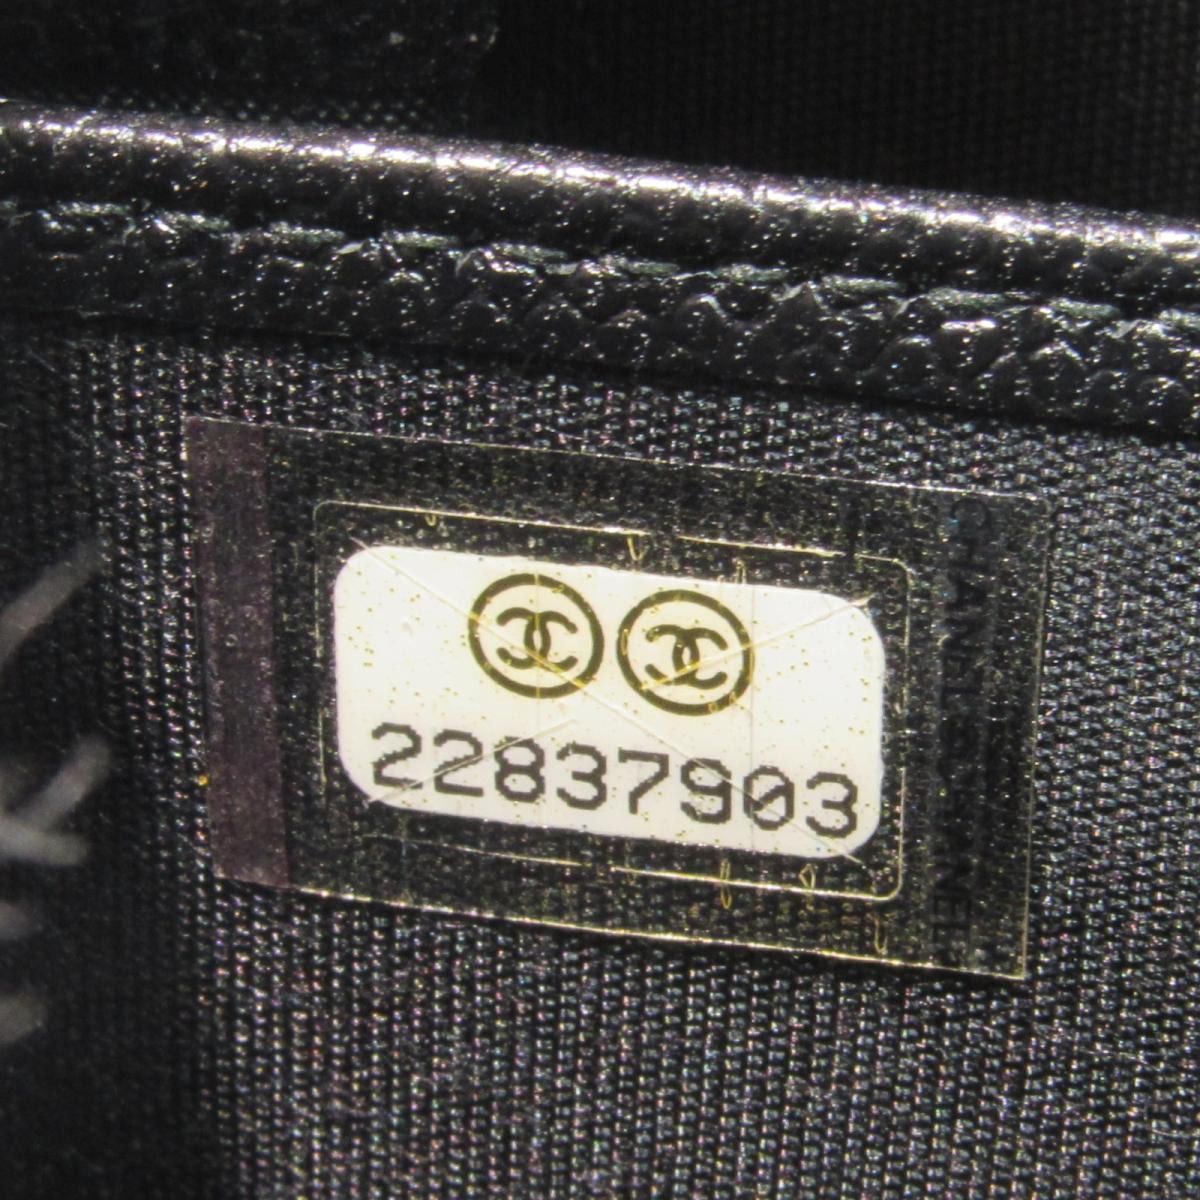 シャネル ラウンドファスナー長財布 レディース レザー ブラックA84064CHANEL BRANDOFF ブランドオフ ブランド ブランド財布 財布 レディース財布 サイフ8nXN0OPwk